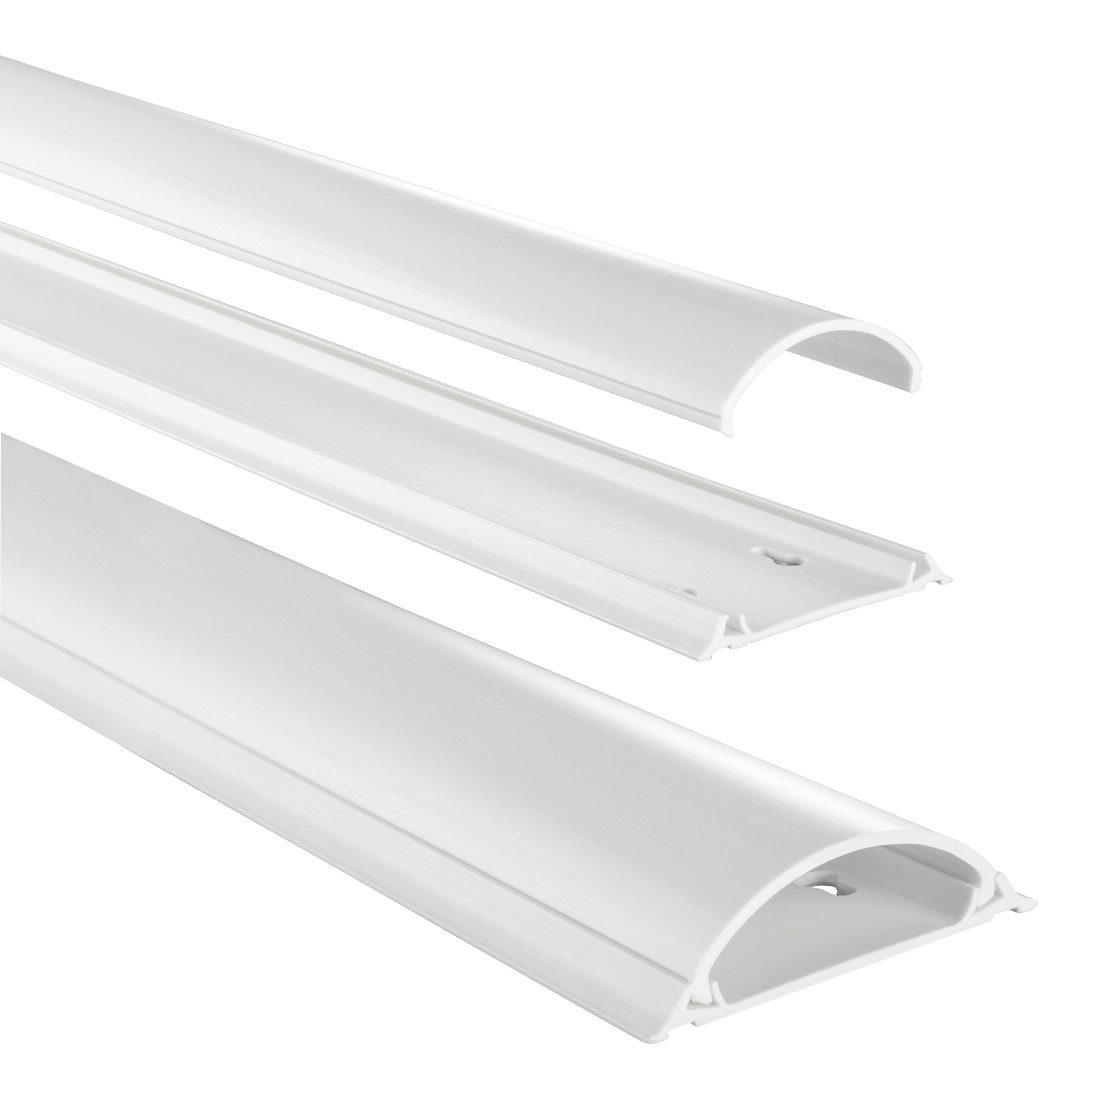 Hama PVC-Kabelkanal, halbrund, 100/7/2,1 cm, einfache Montage »weiß«